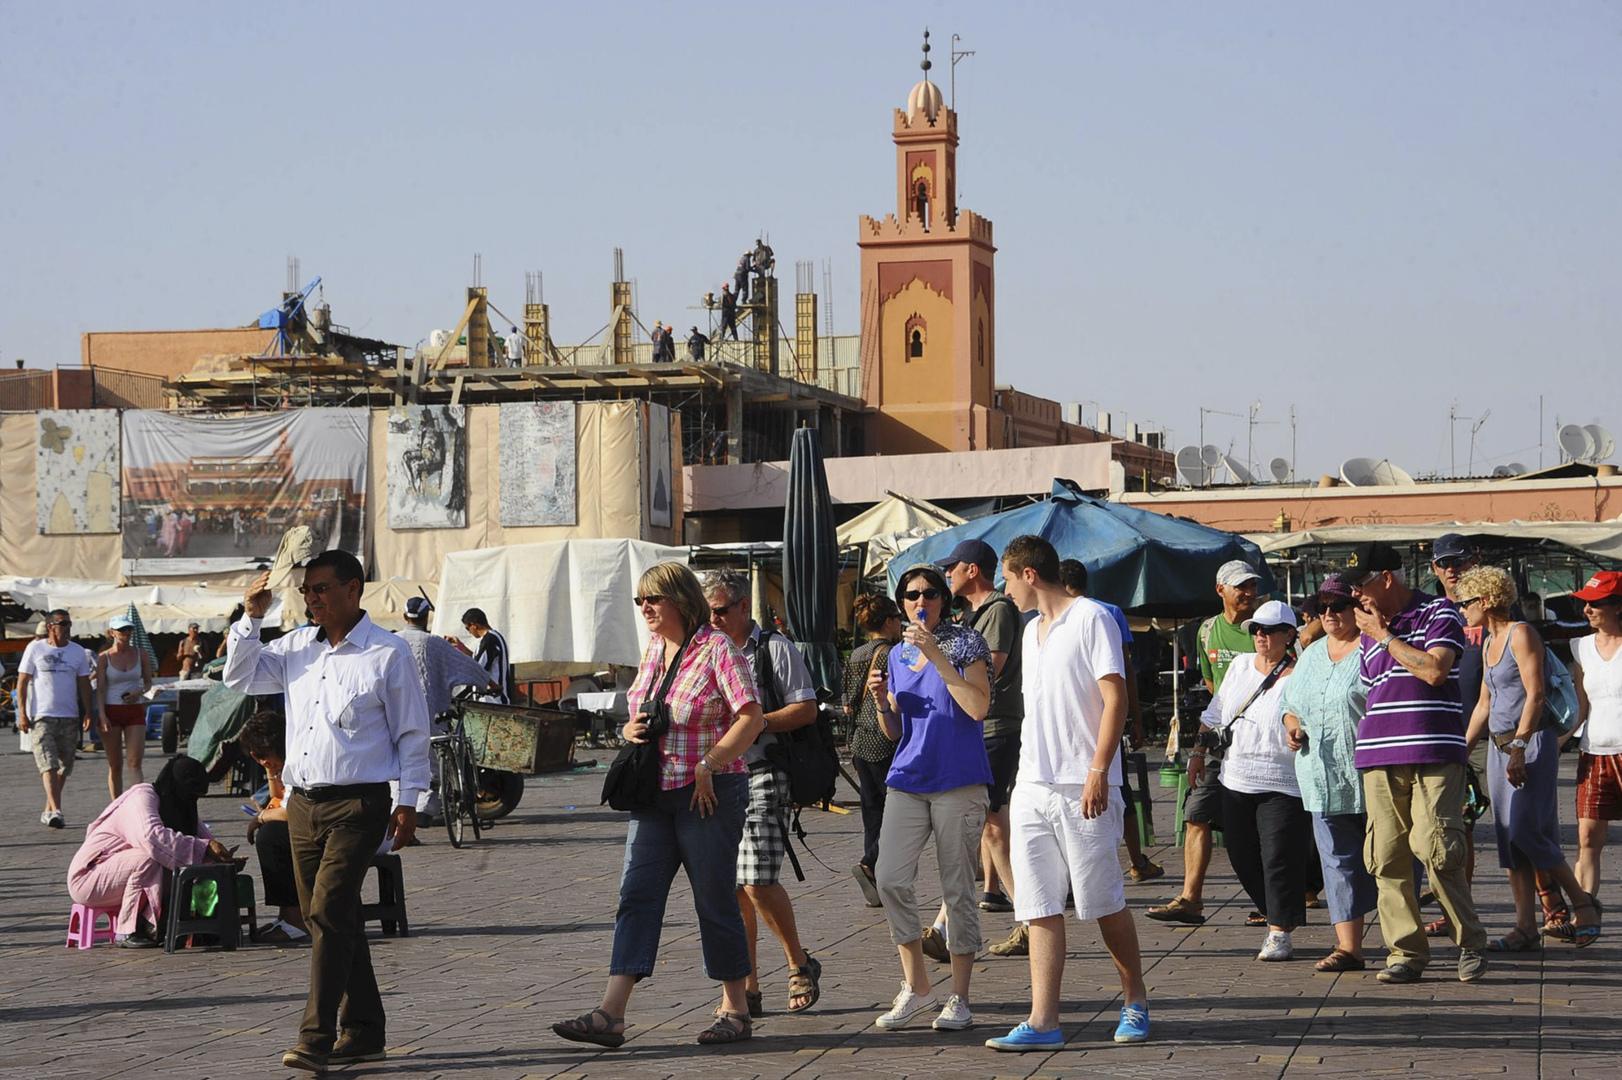 المغرب يستعد لاستقبال آلاف السياح اليهود بعد إطلاق الرحلات